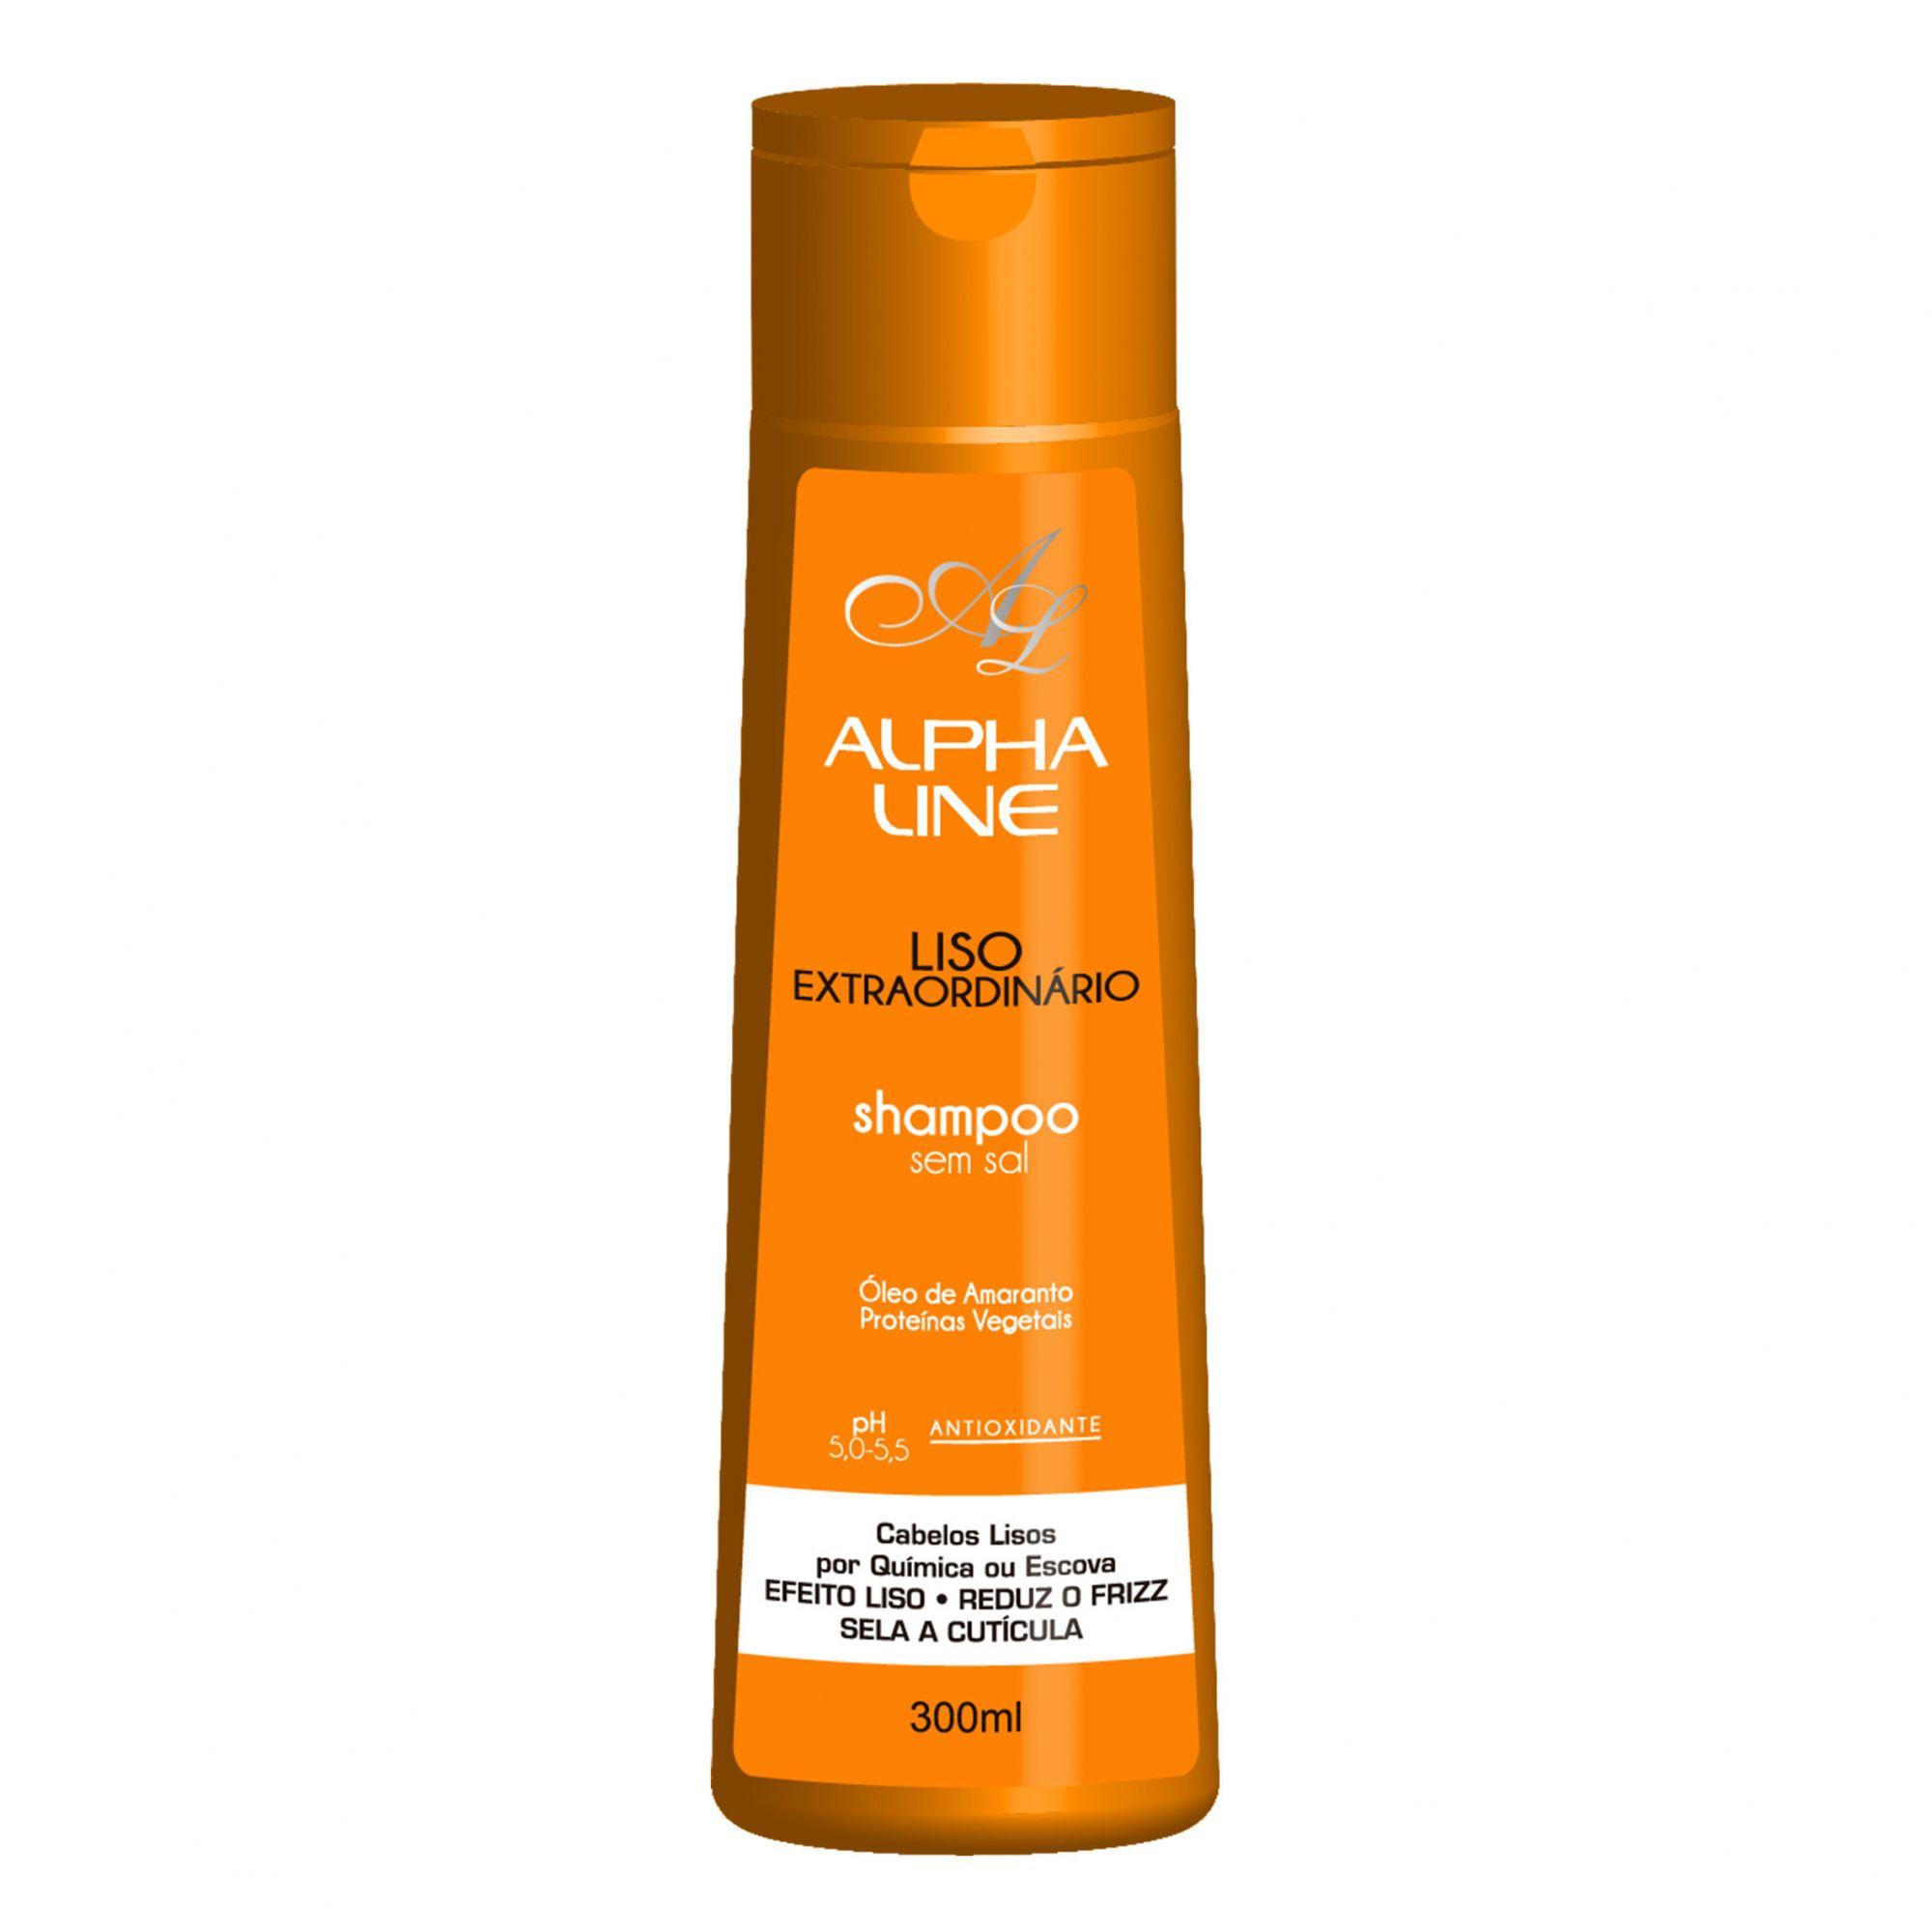 Alpha Line Shampoo Liso Extraordinário 300g.